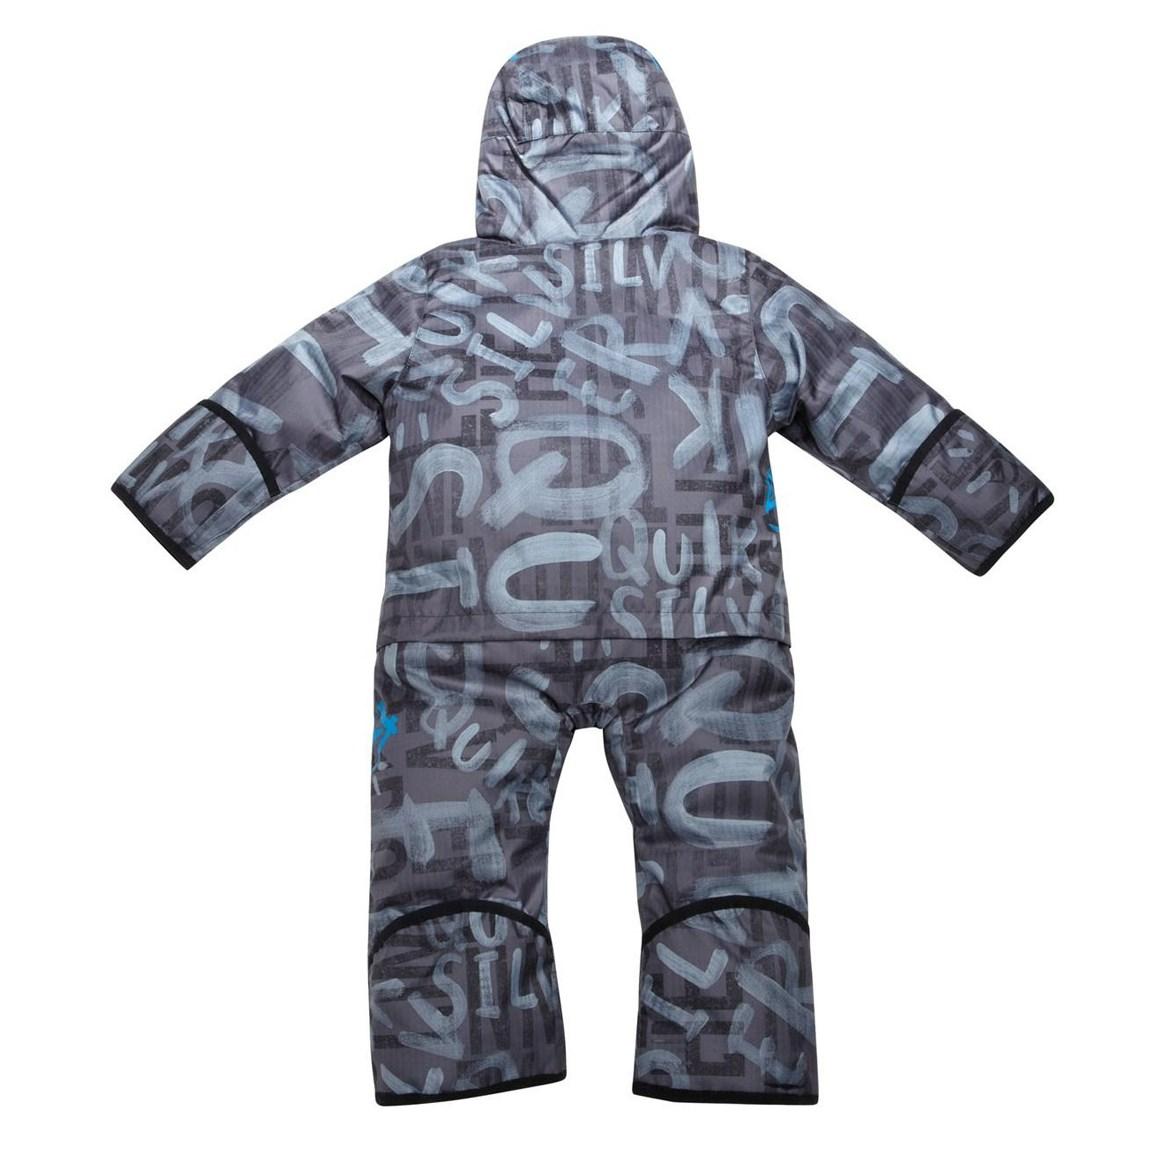 2945edd0b1bd Quiksilver Little Rookie Baby Suit - Infant - Boy s